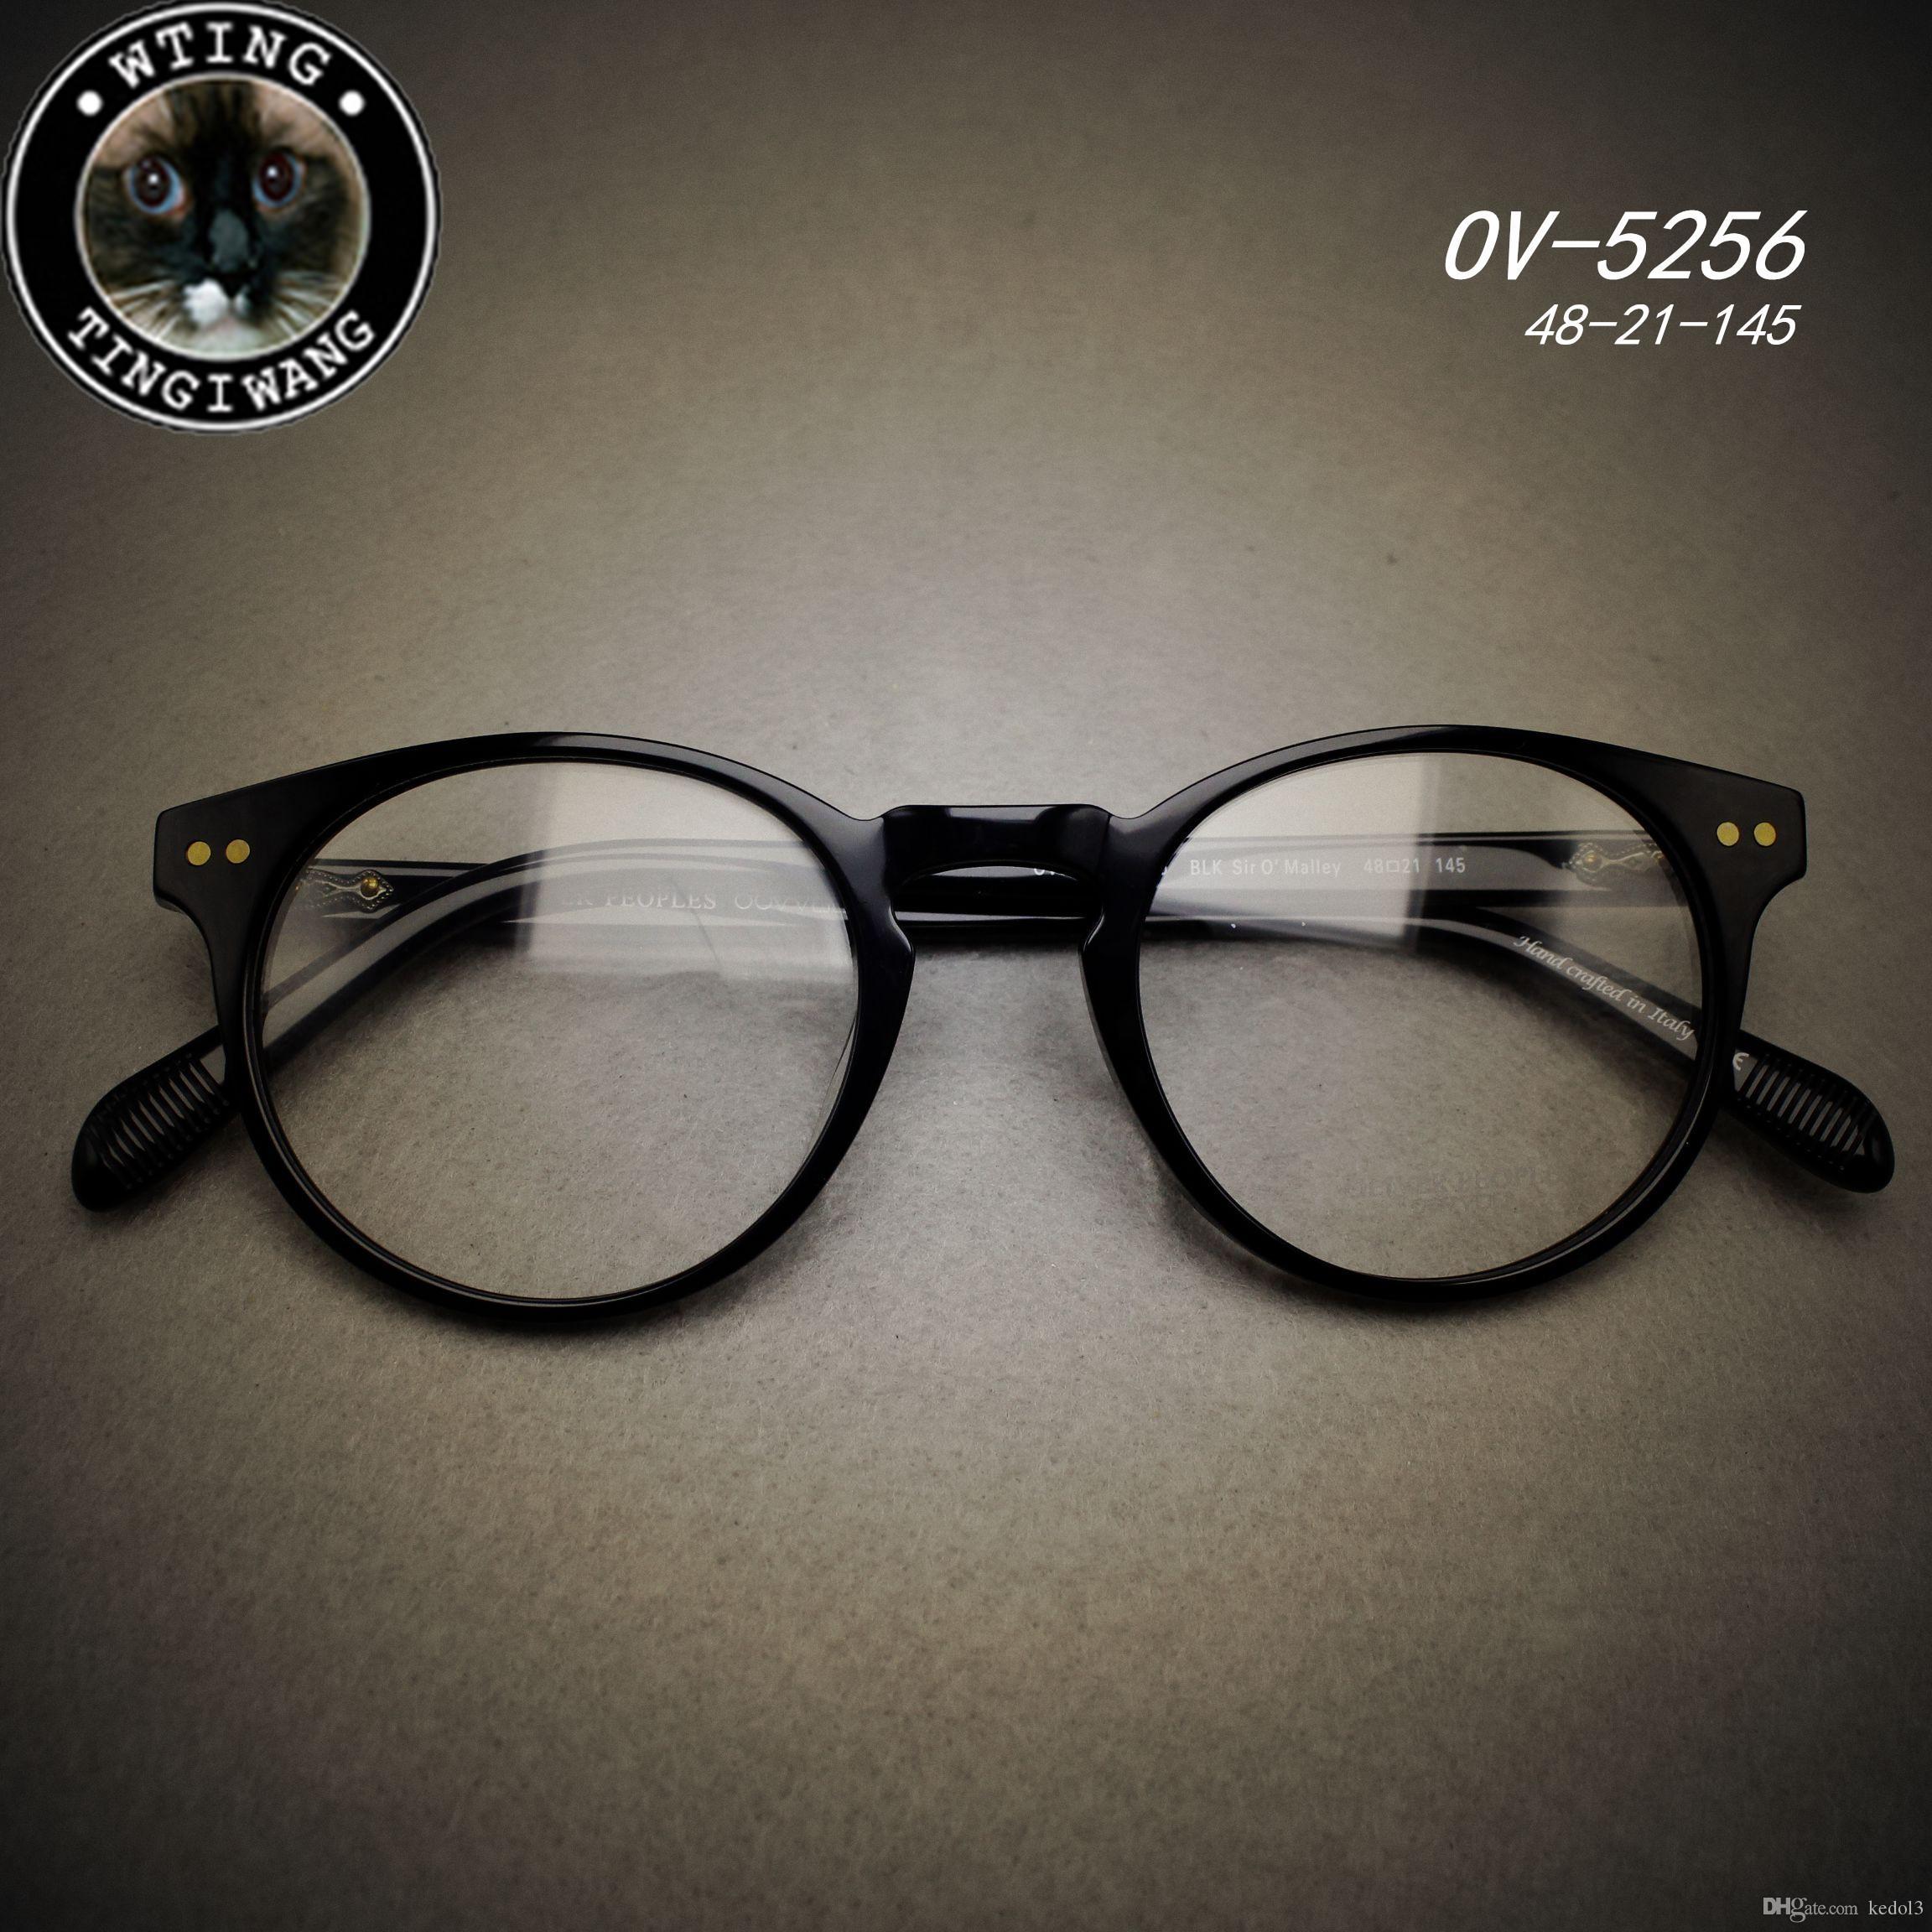 2018 Oliver Peoples Brand Design 2017 Eyewear Fashion Women ...